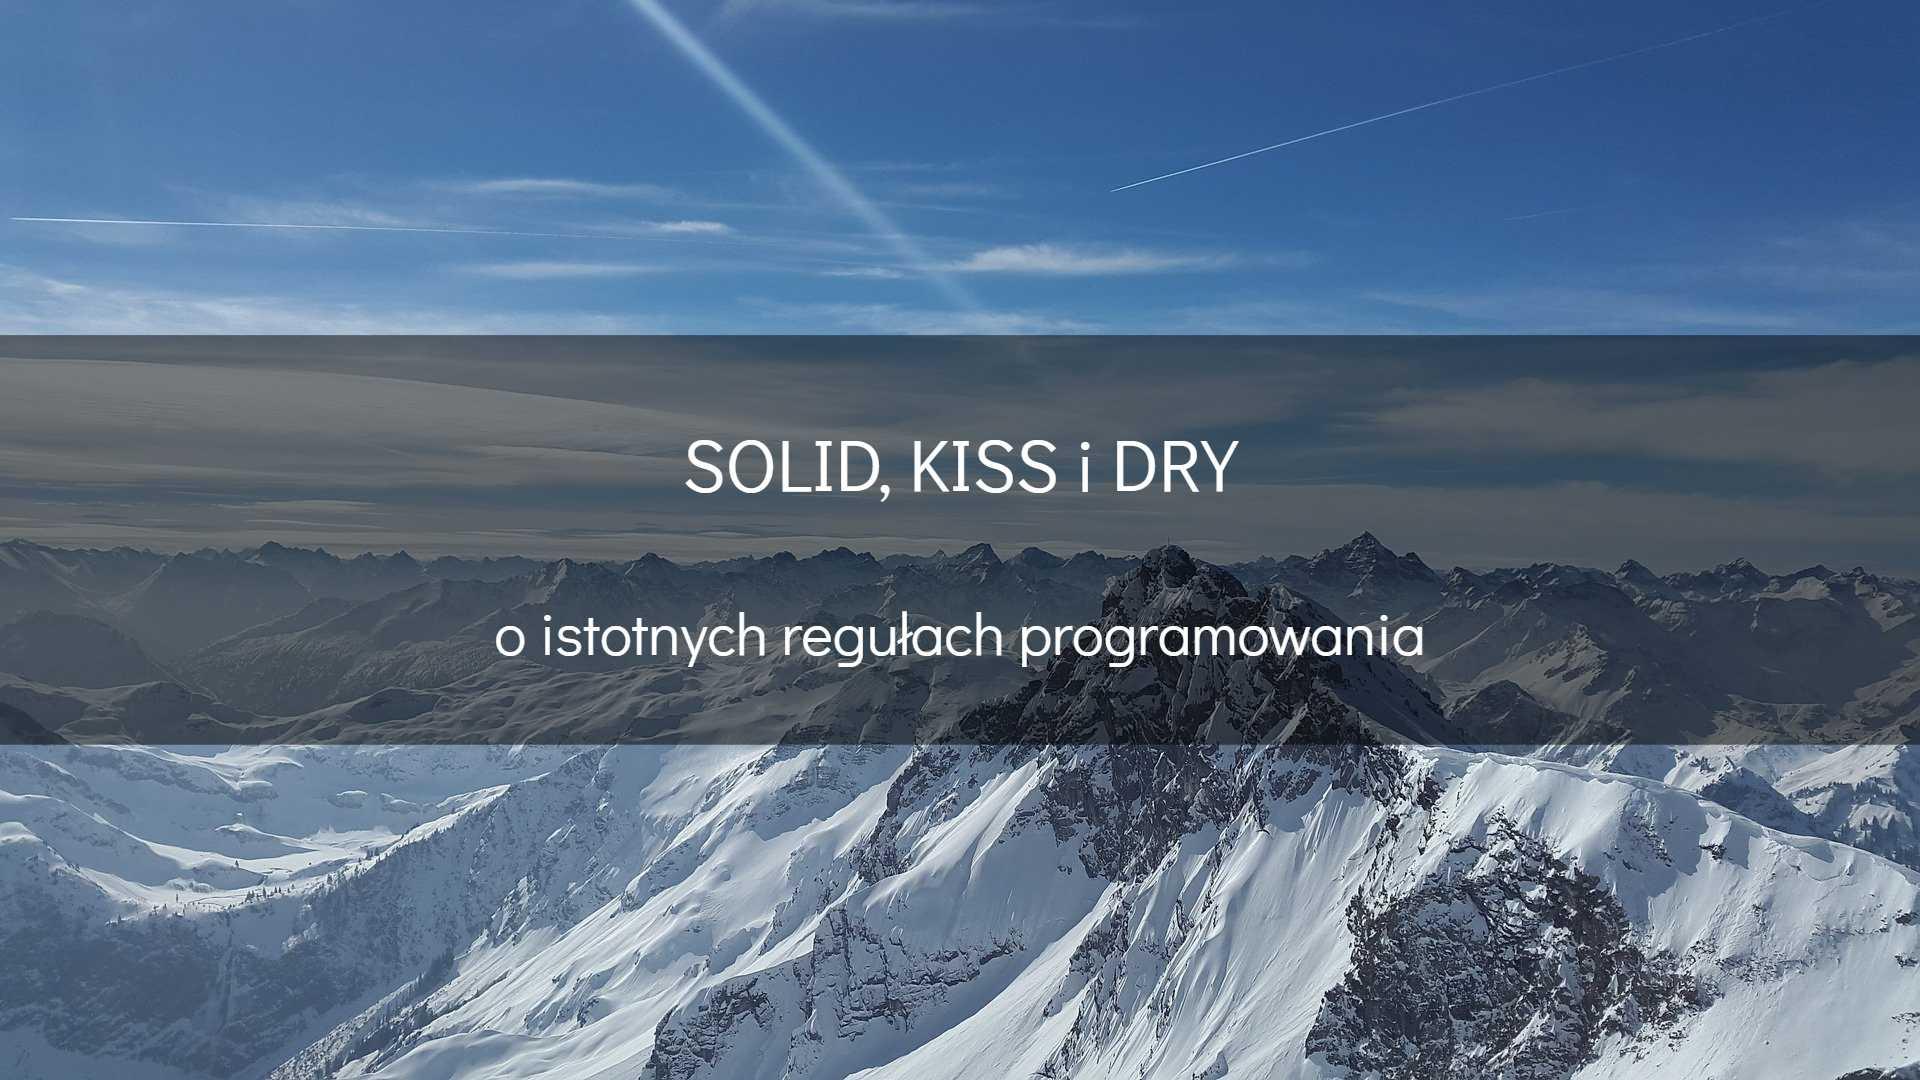 SOLID, KISS iDRY